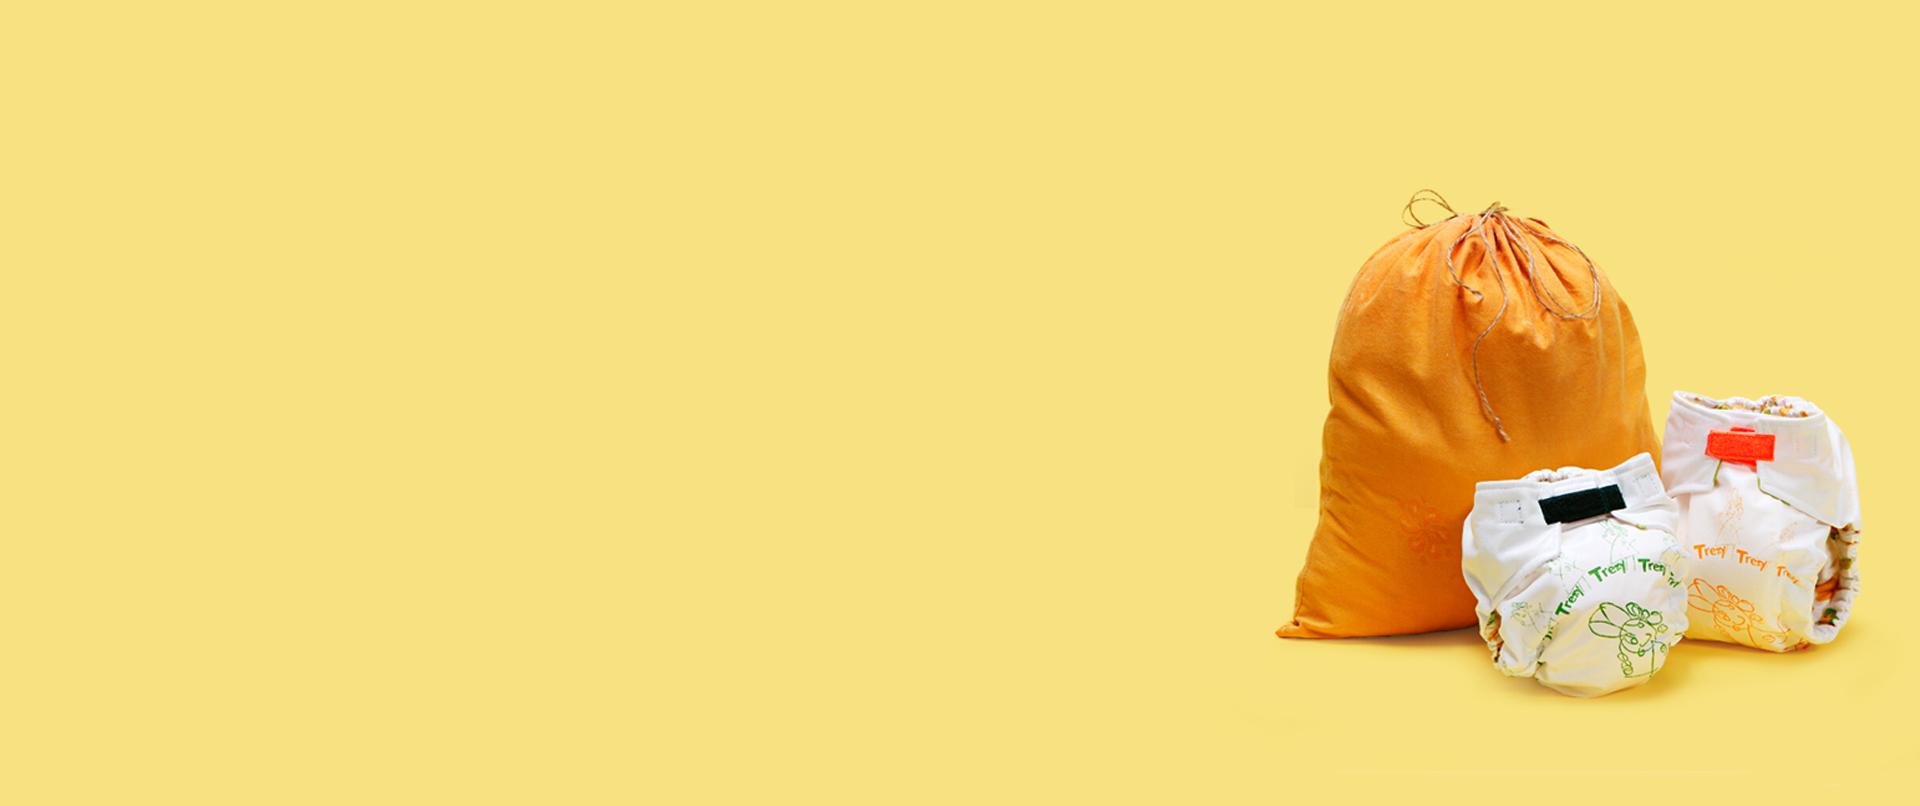 Trëzy - a modern mosható pelenka